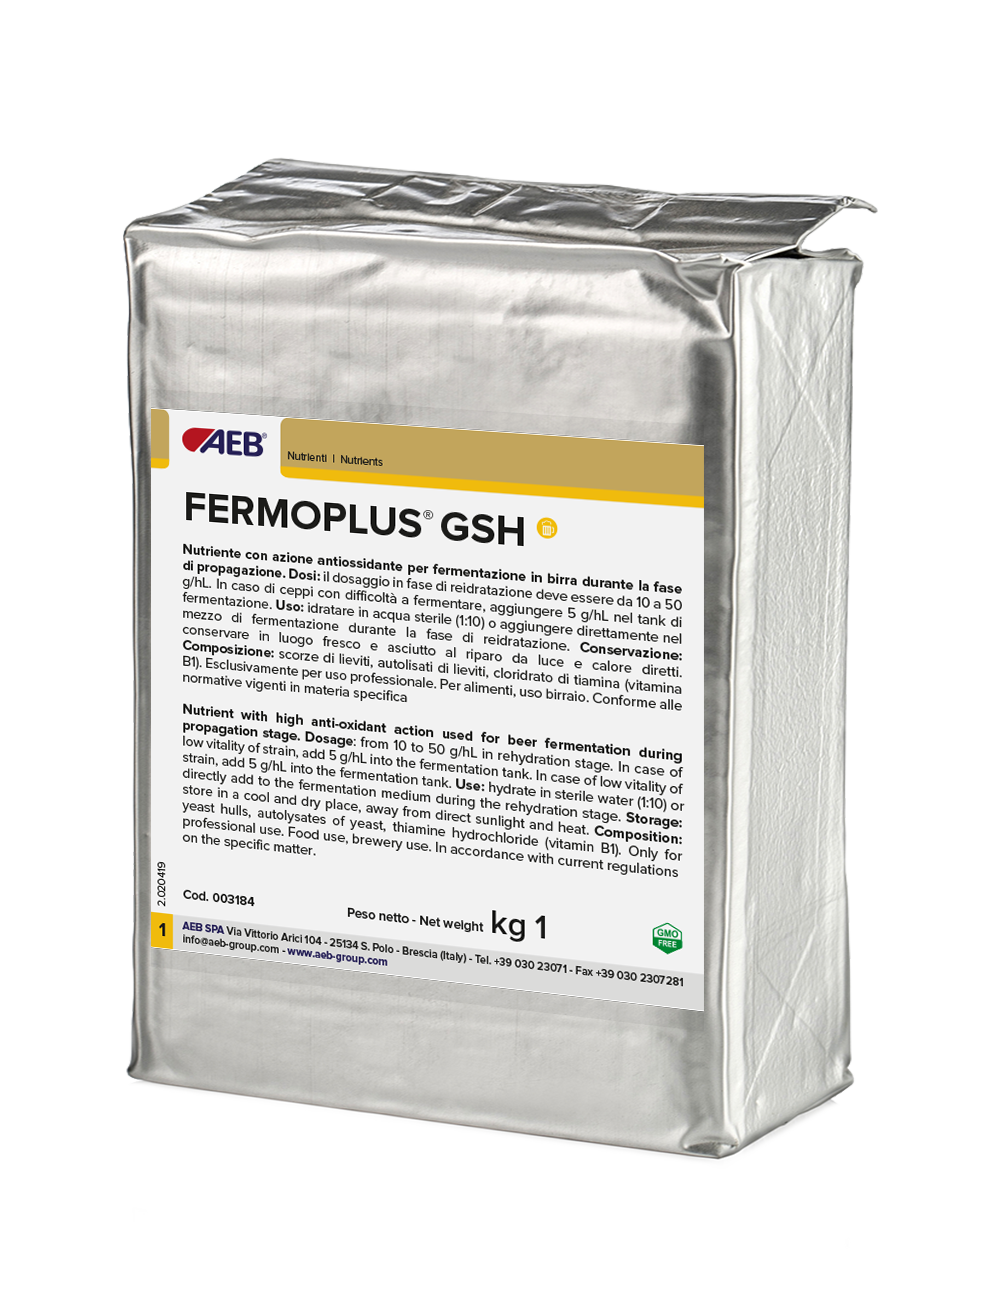 FERMOPLUS<sup>®</sup> GSH